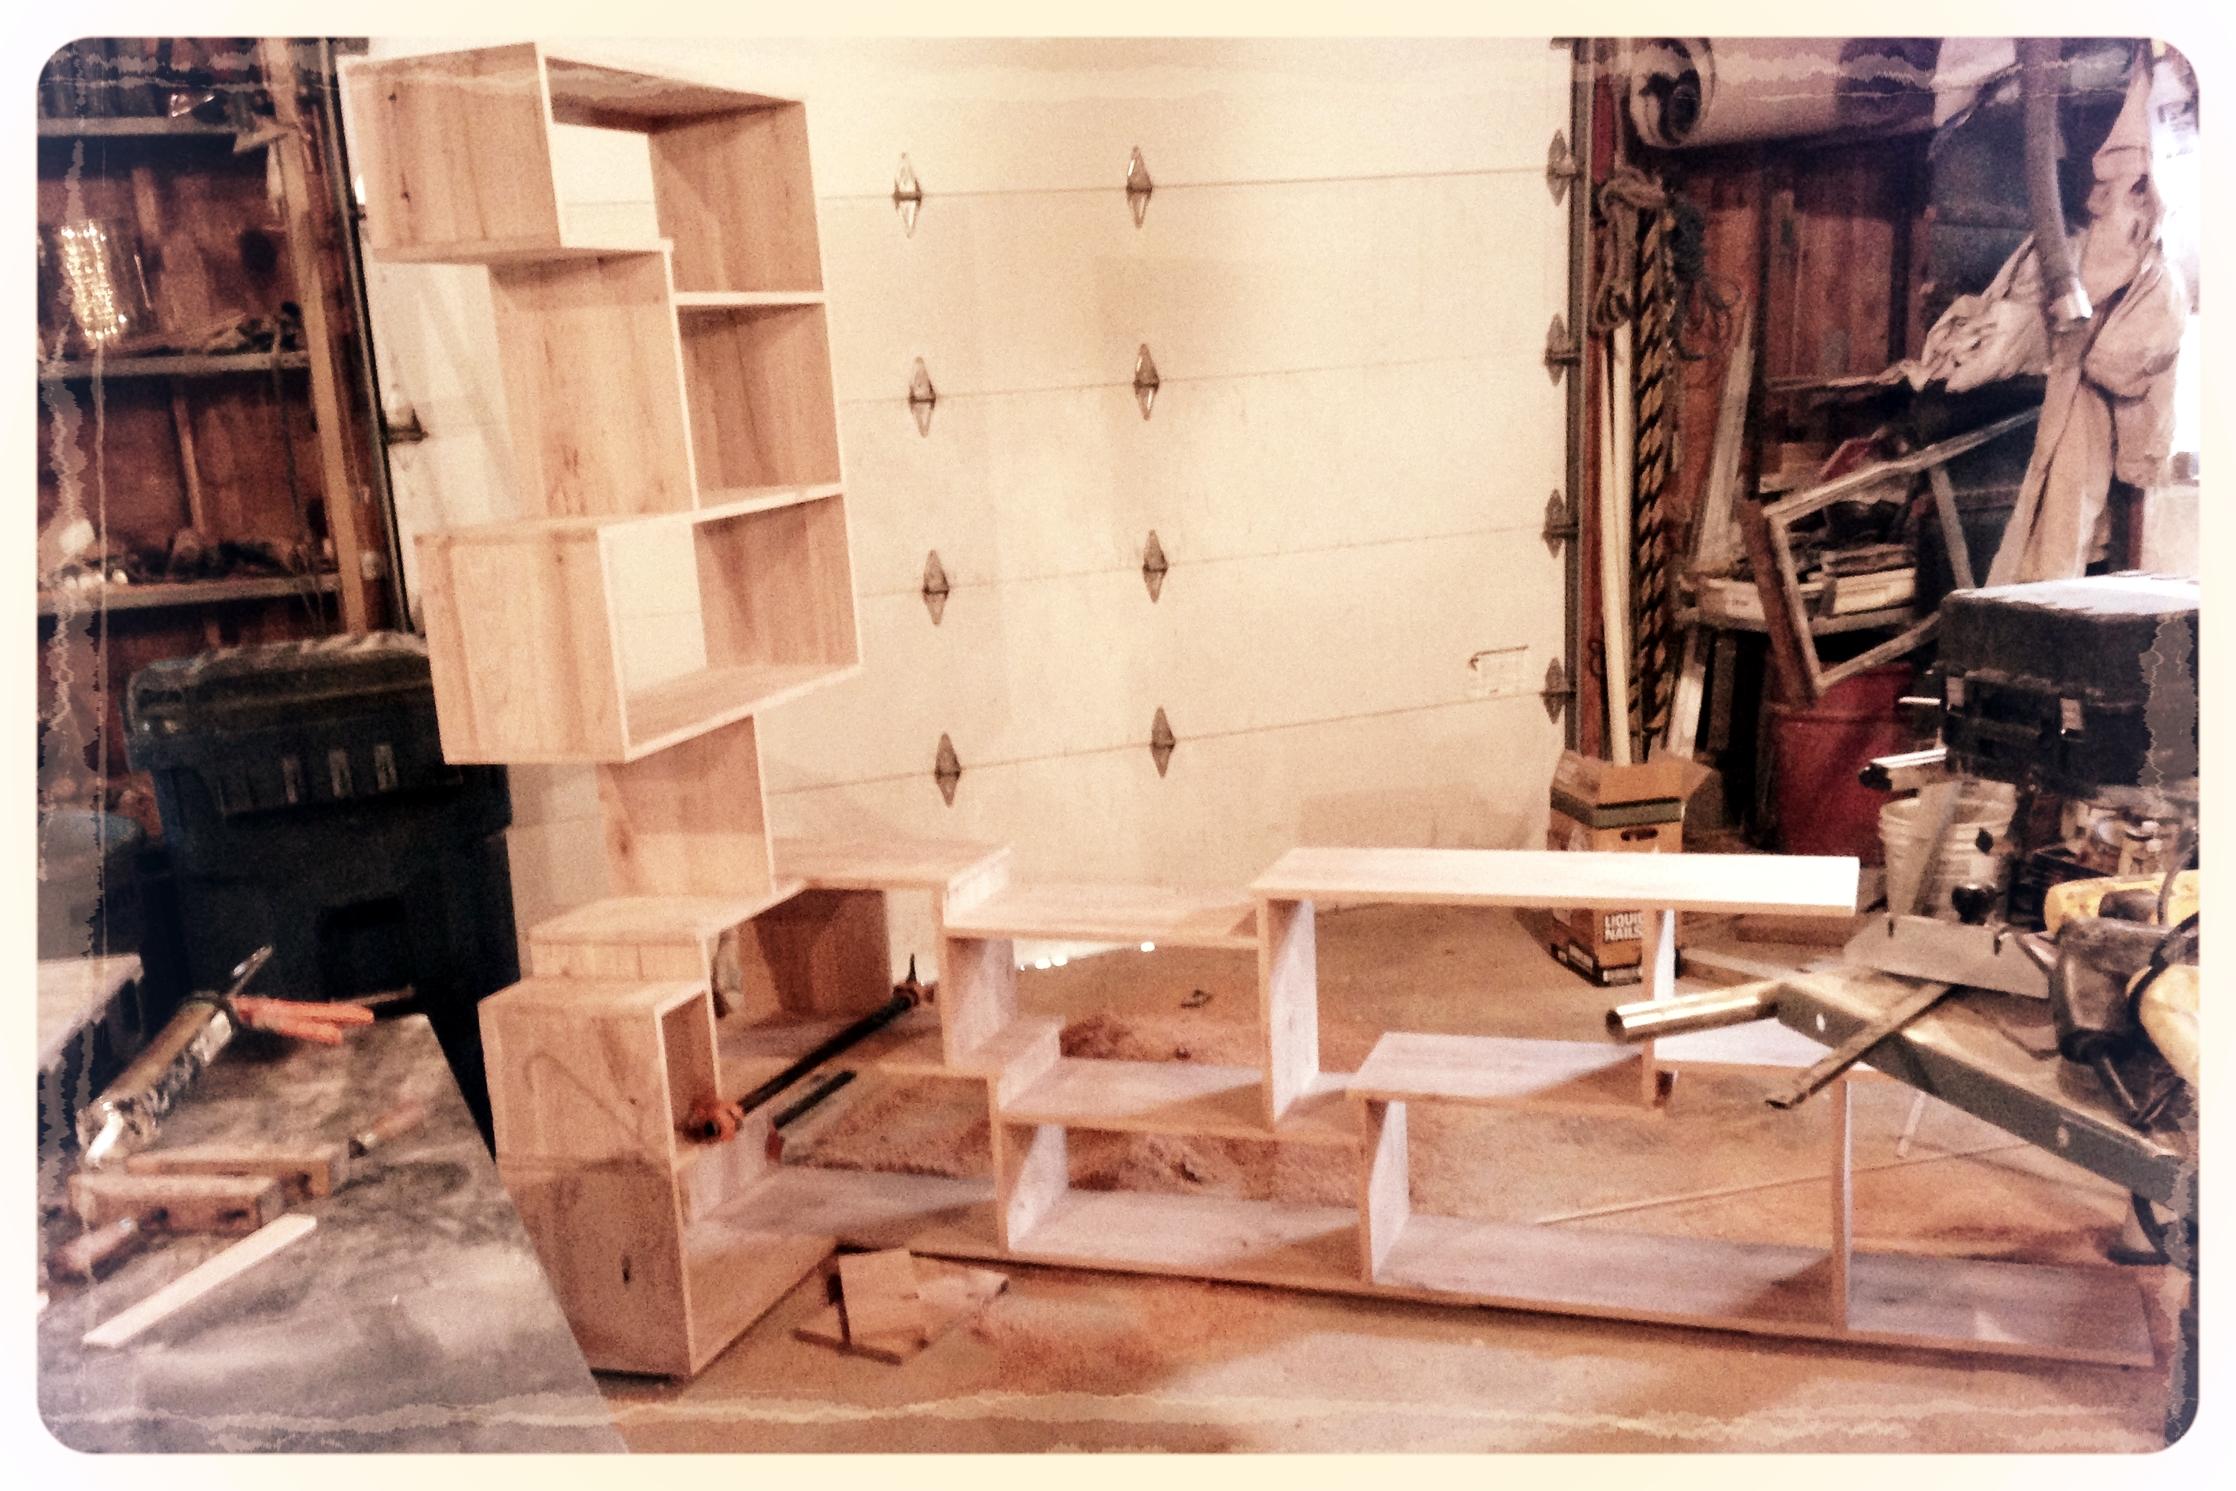 shop_shelves.JPG